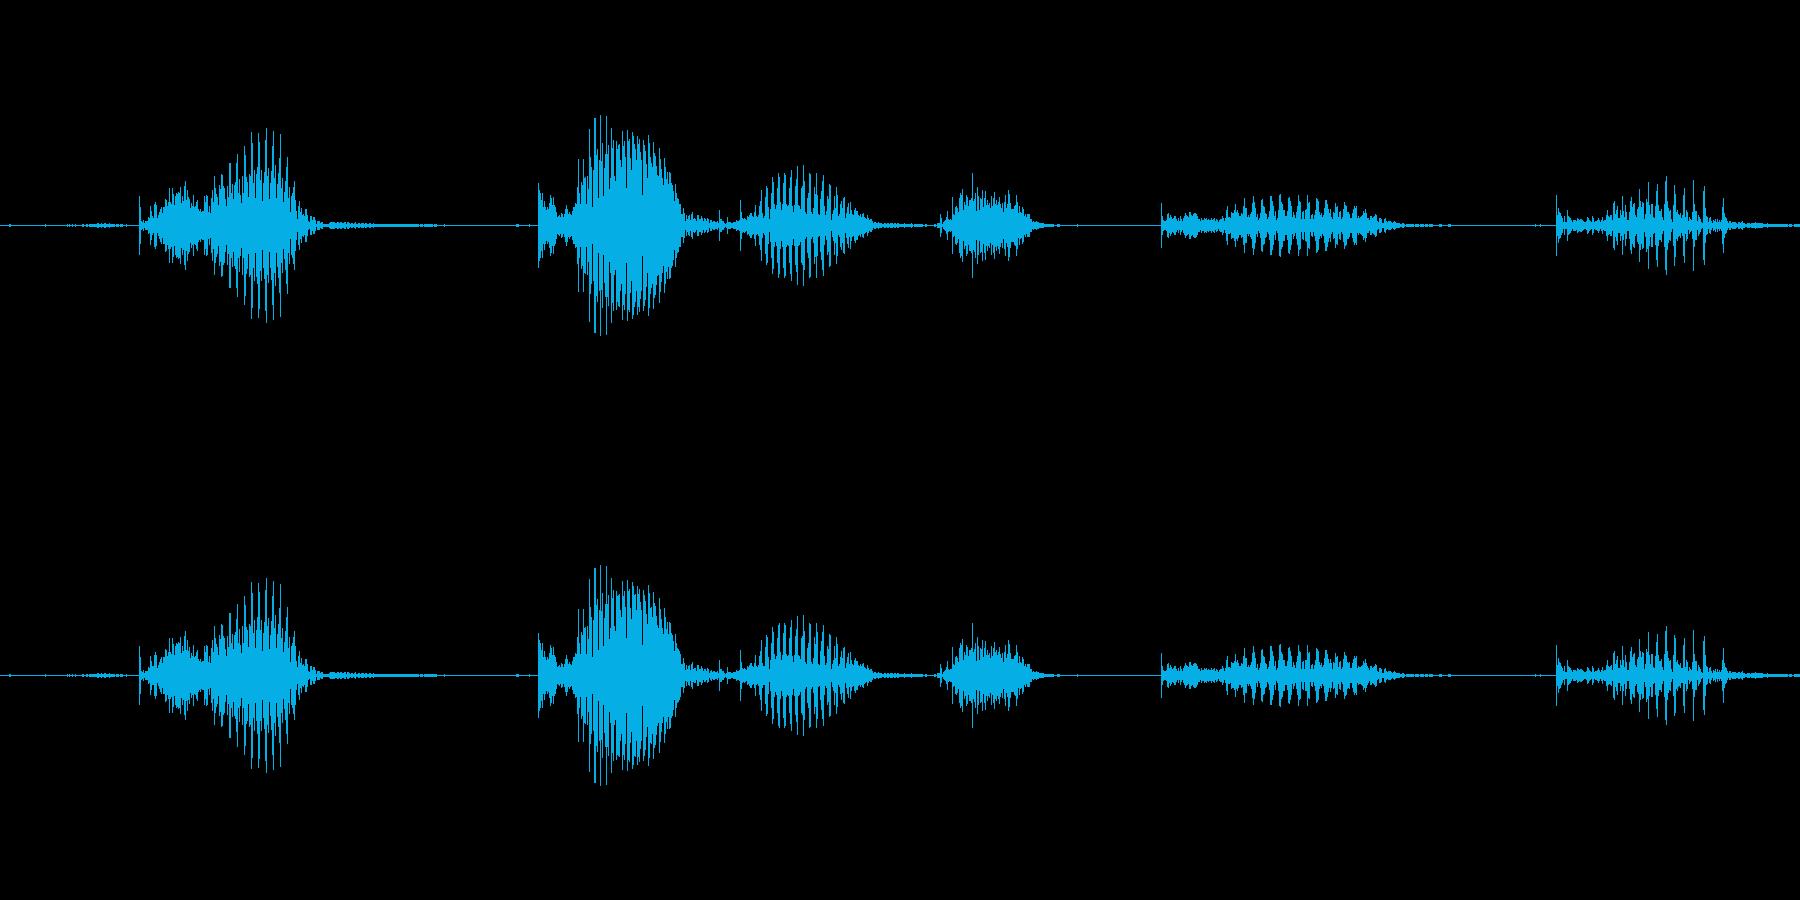 【日数・経過】10ヶ月経過の再生済みの波形